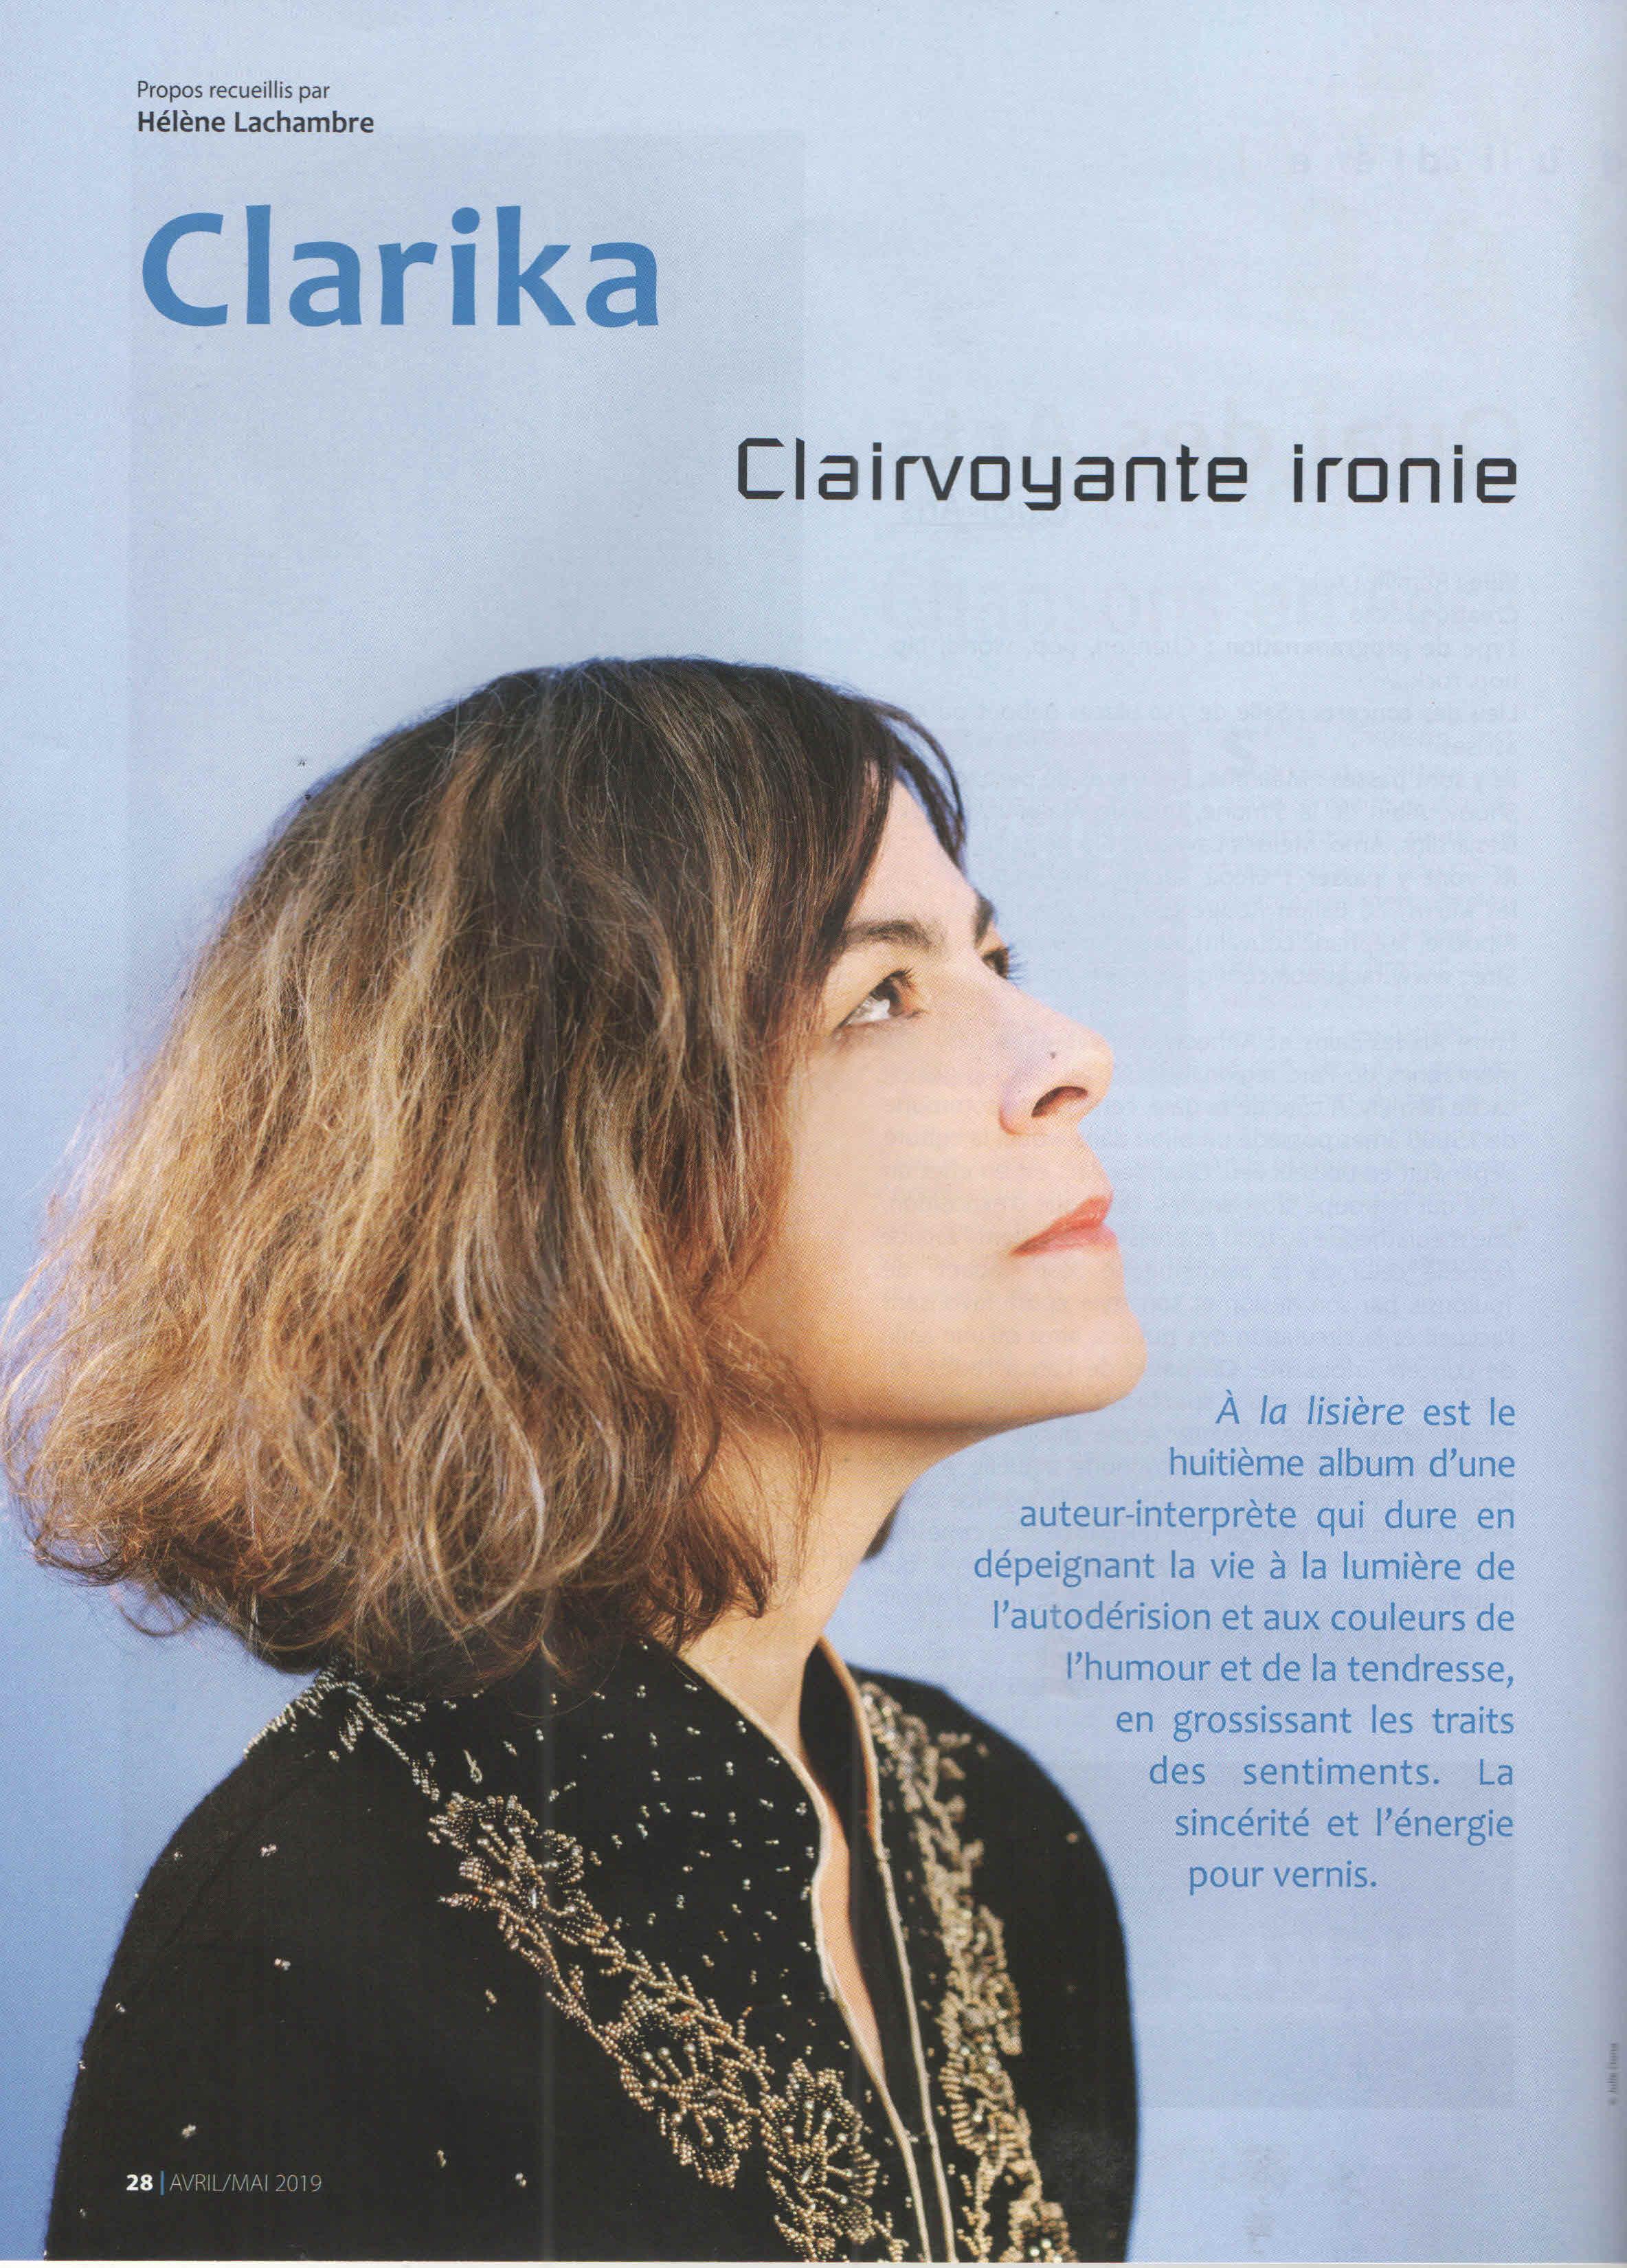 Clarika - FrancoFans